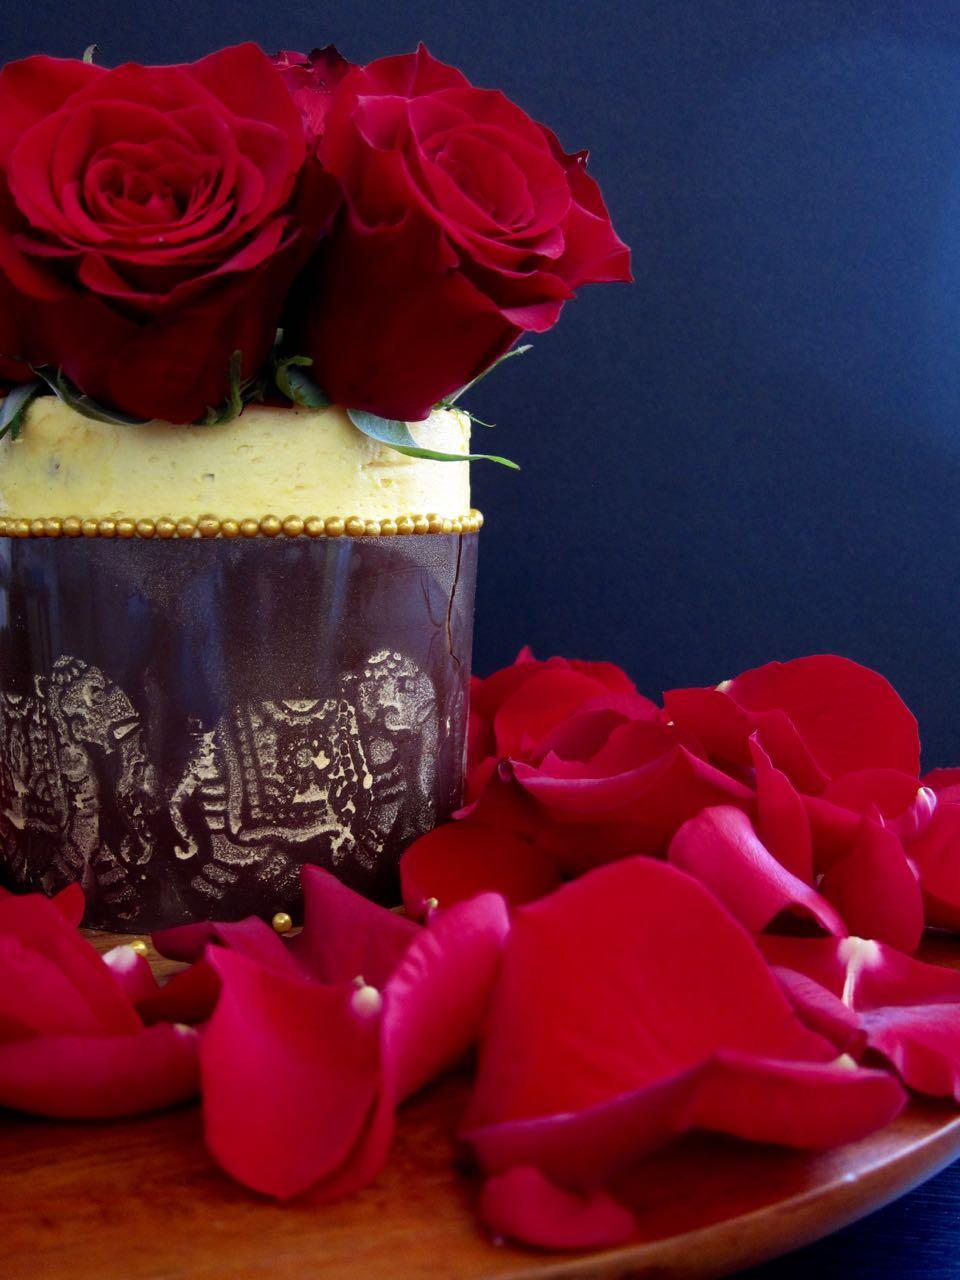 Bride & Prejudice Cake